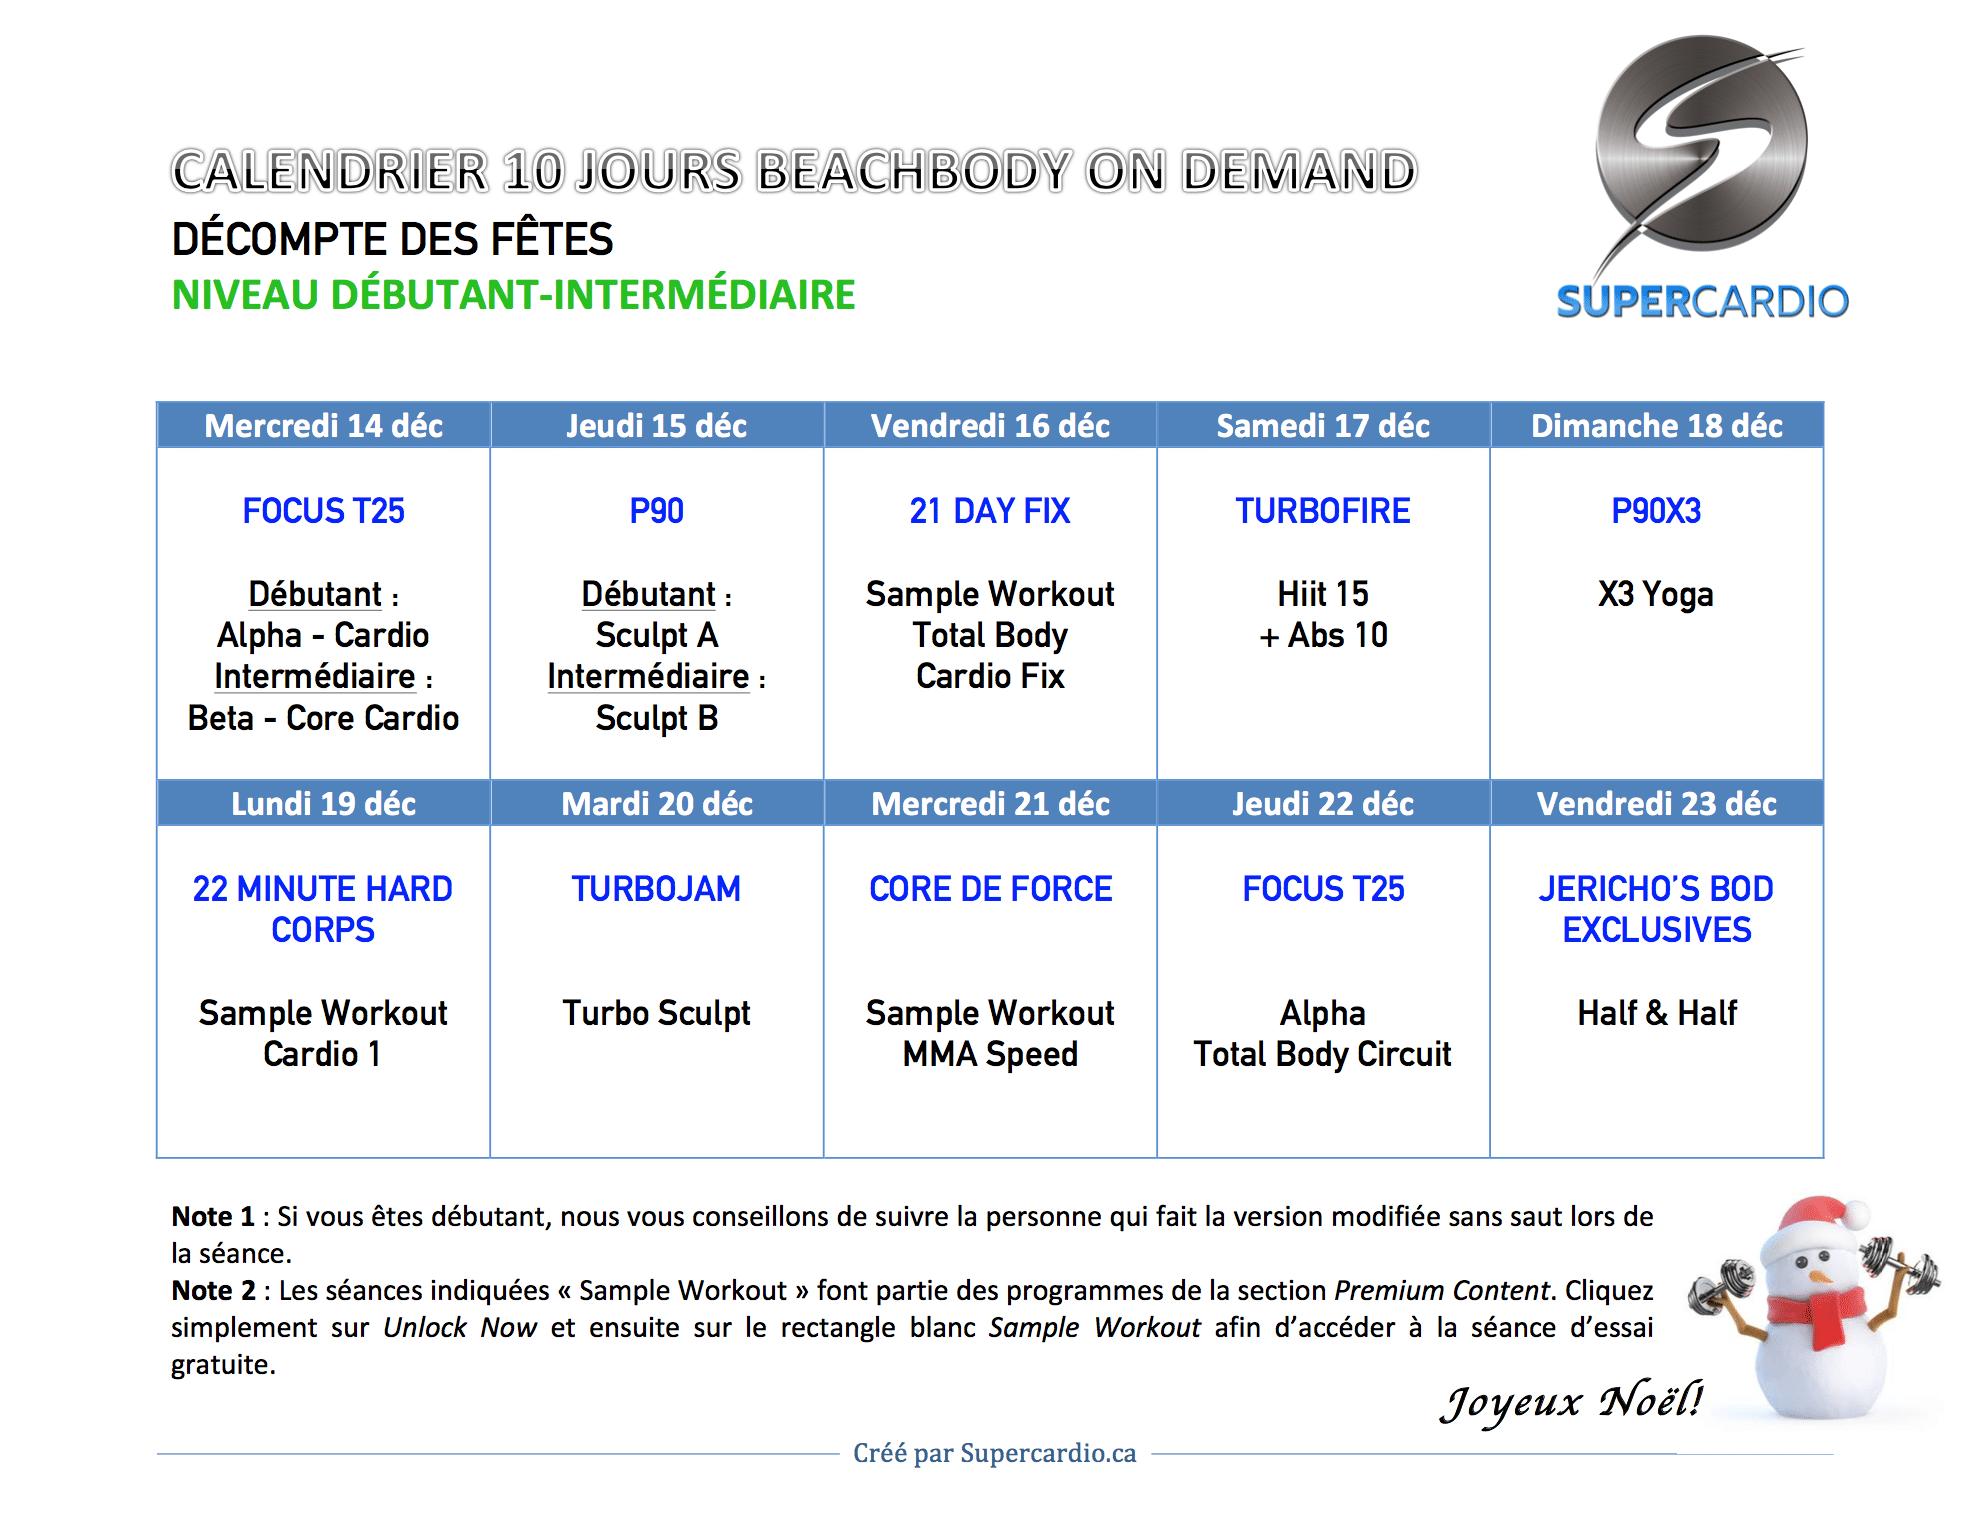 3 options de calendriers d'entrainement pour le décompte des fêtes